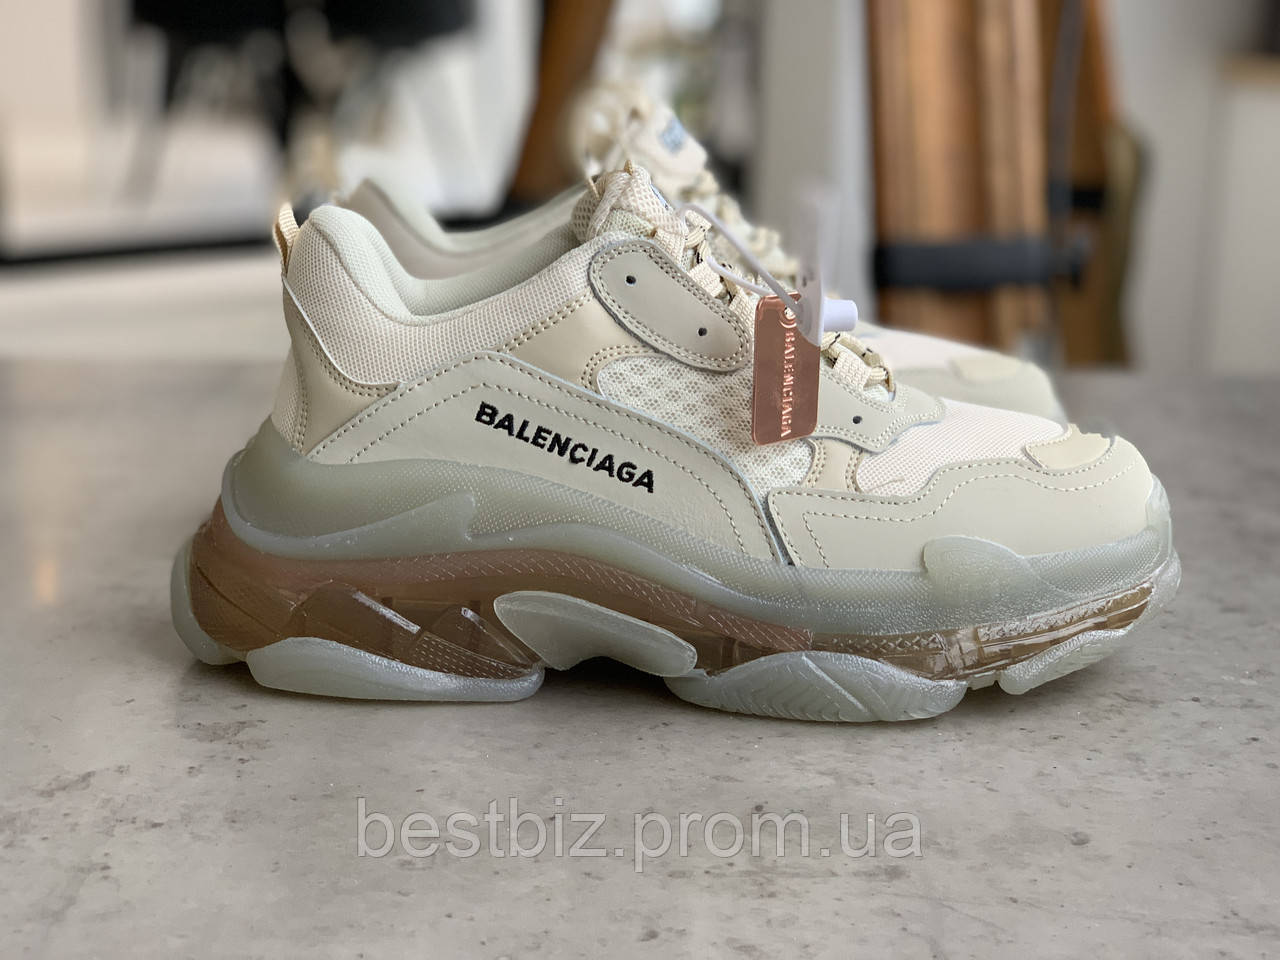 Кросівки Balenciaga Triple S Beige Баленсіага Тріпл З Бежеві (36,37,38,40)